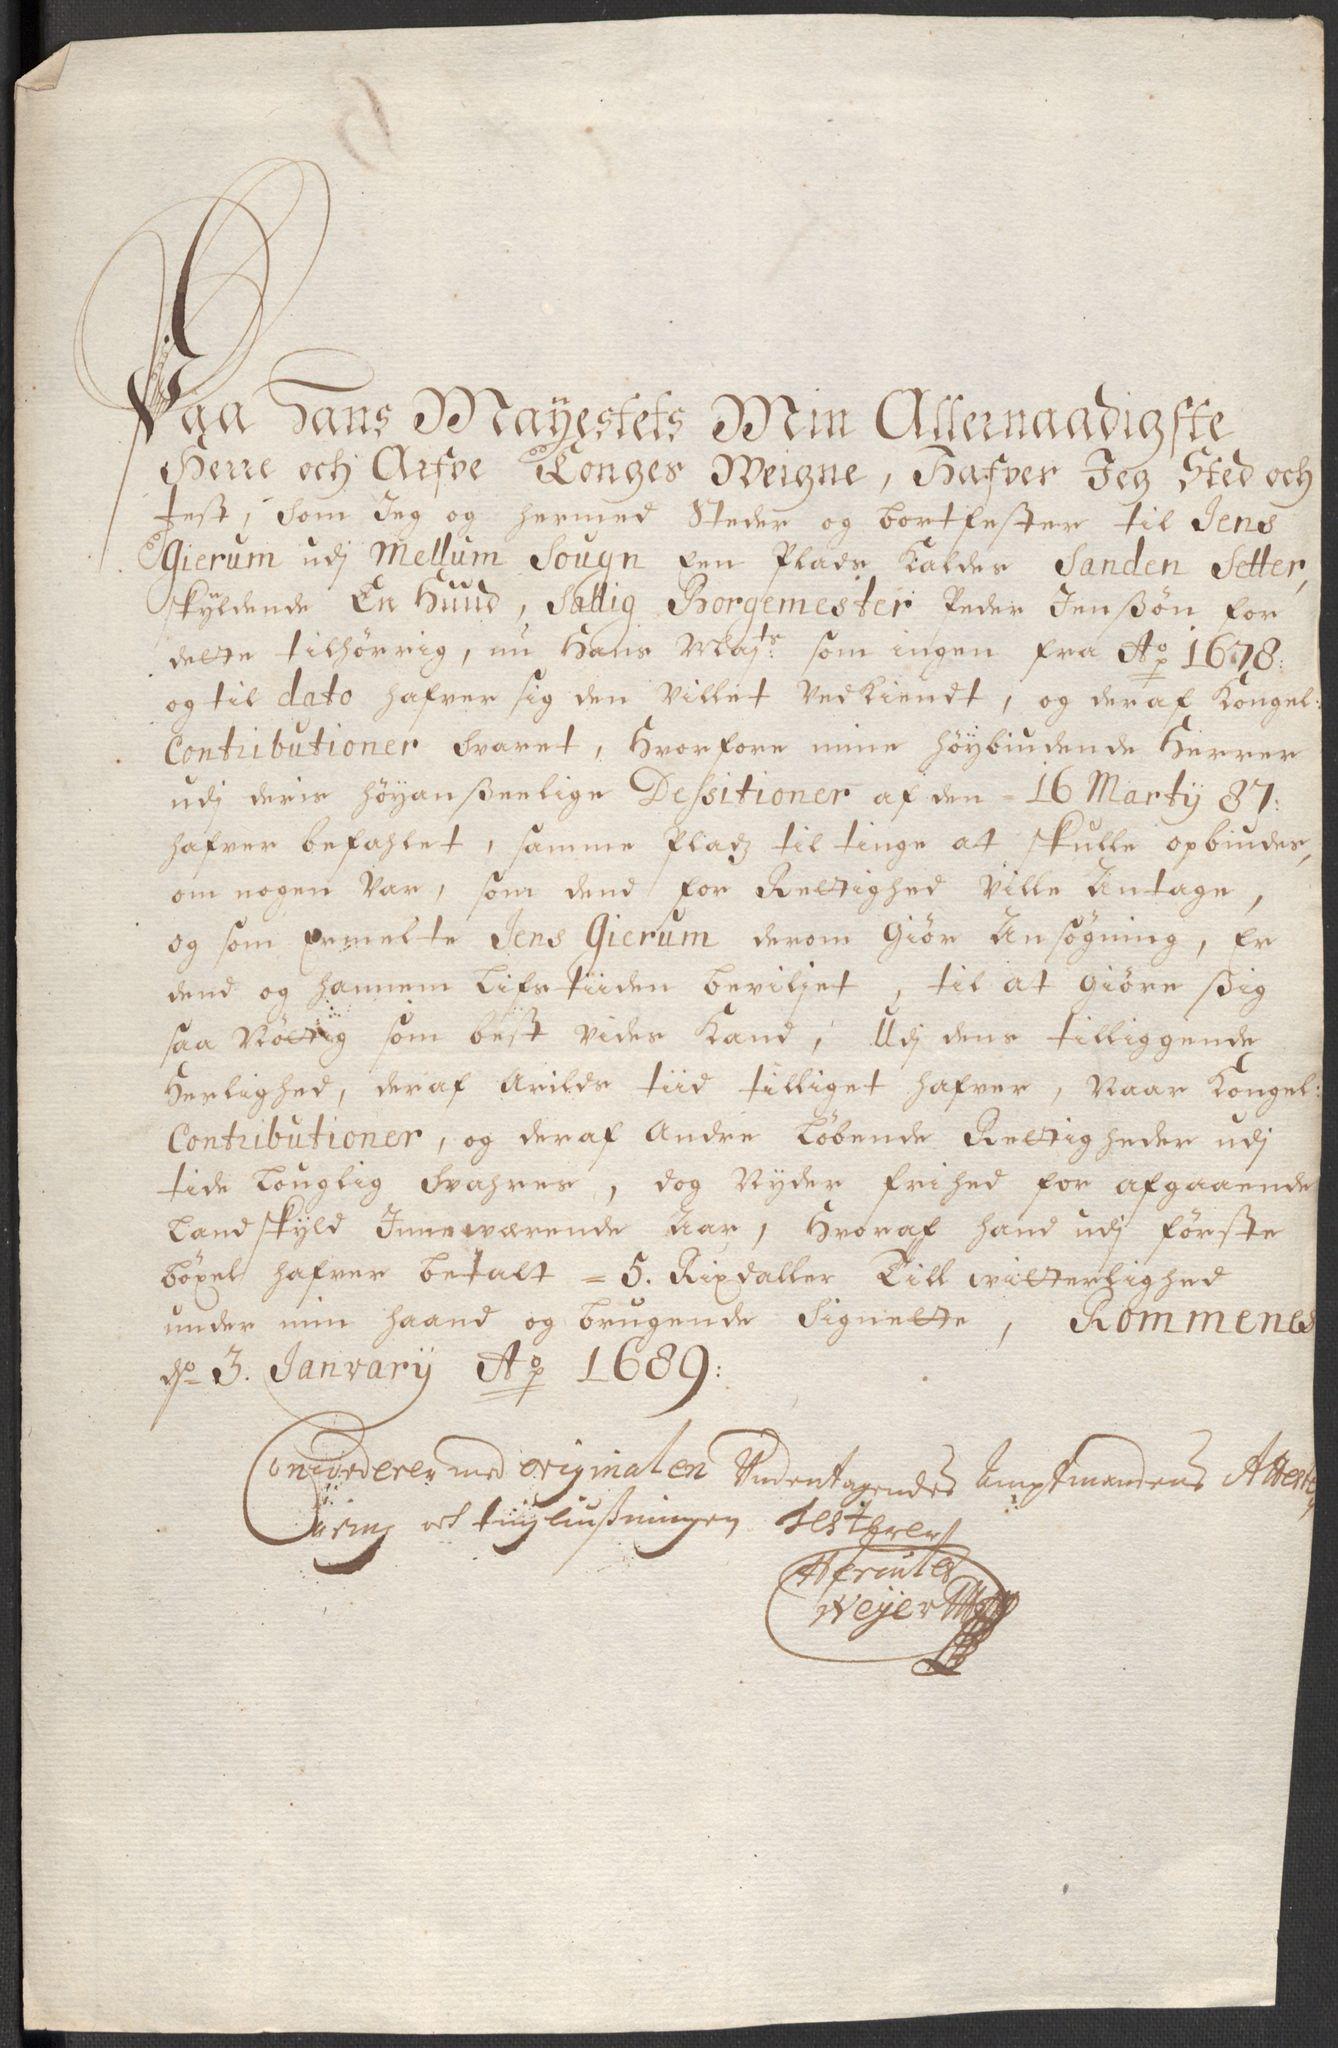 RA, Rentekammeret inntil 1814, Reviderte regnskaper, Fogderegnskap, R35/L2088: Fogderegnskap Øvre og Nedre Telemark, 1687-1689, s. 13